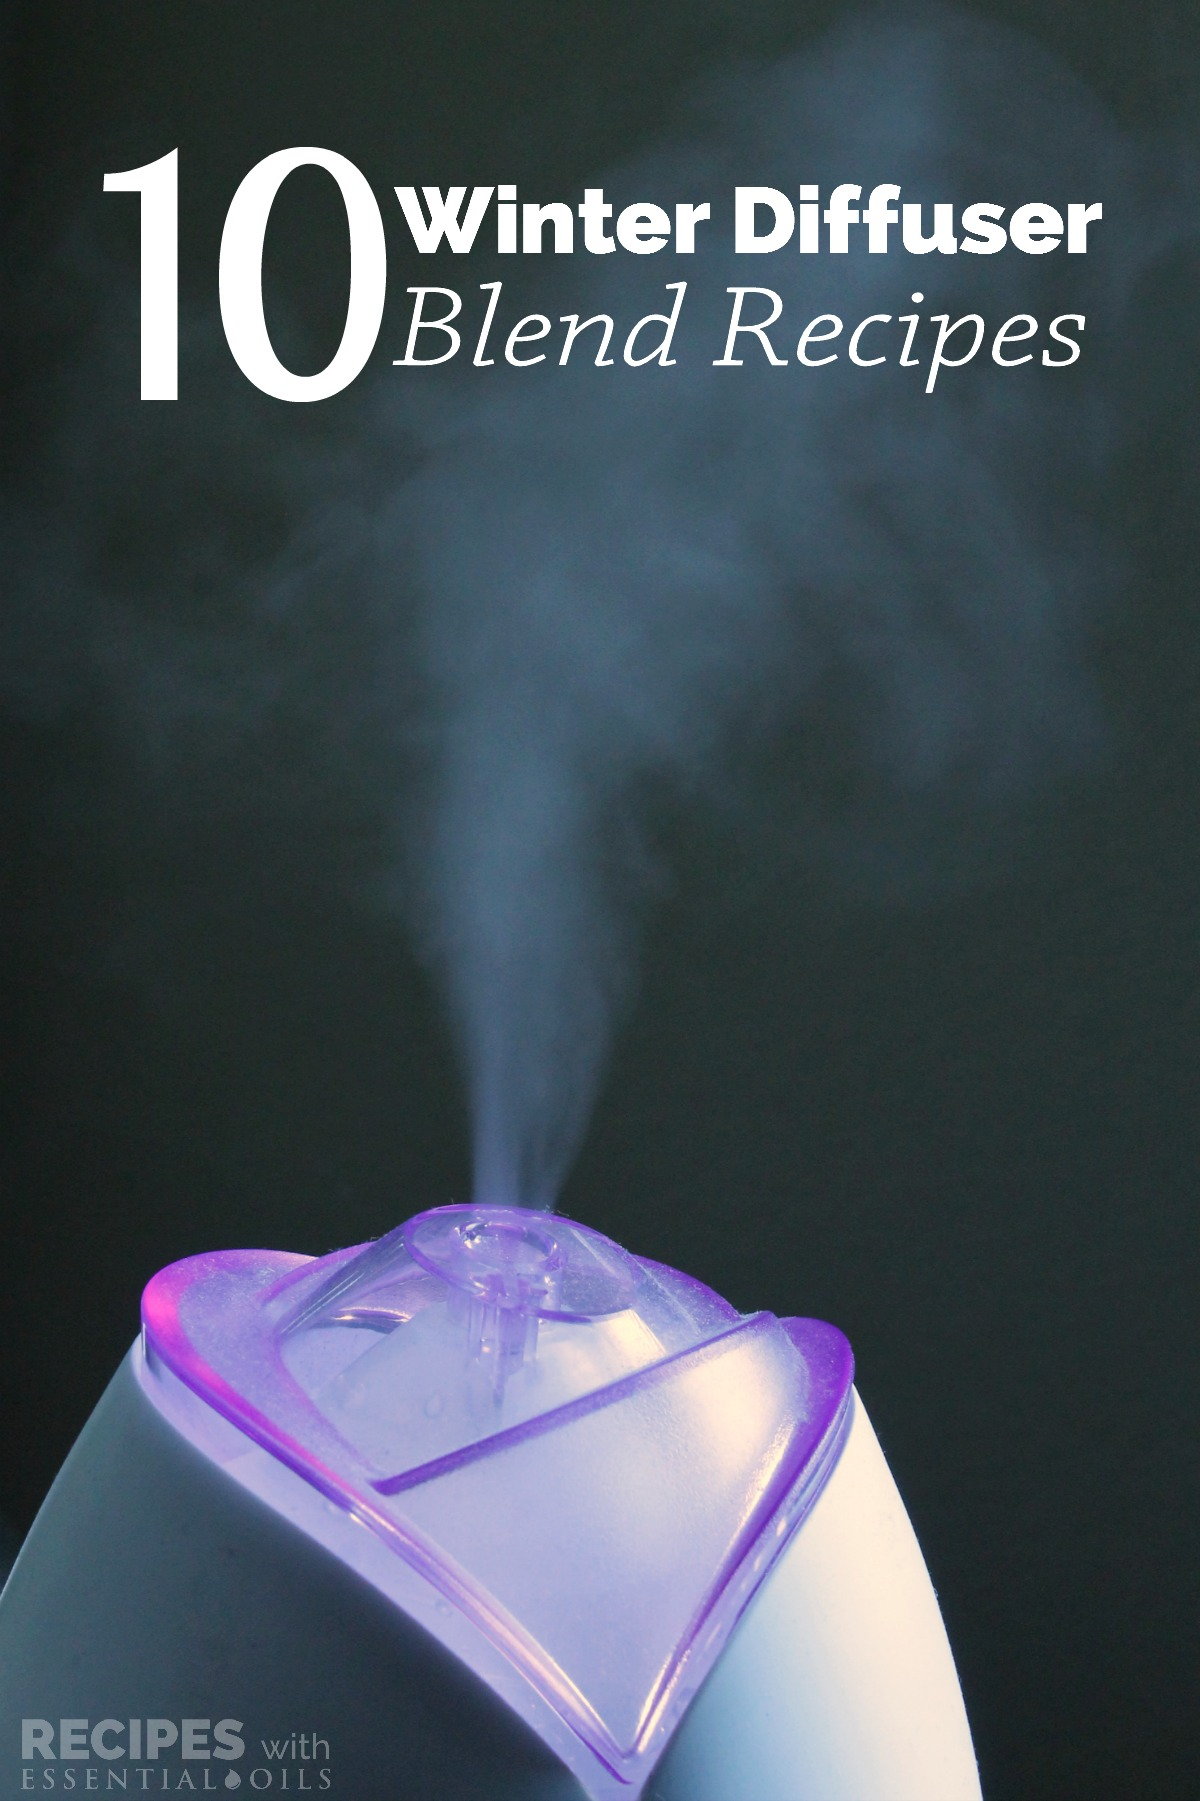 10 Winter Diffuser Blend Recipes from RecipeswithEssentialOils.com